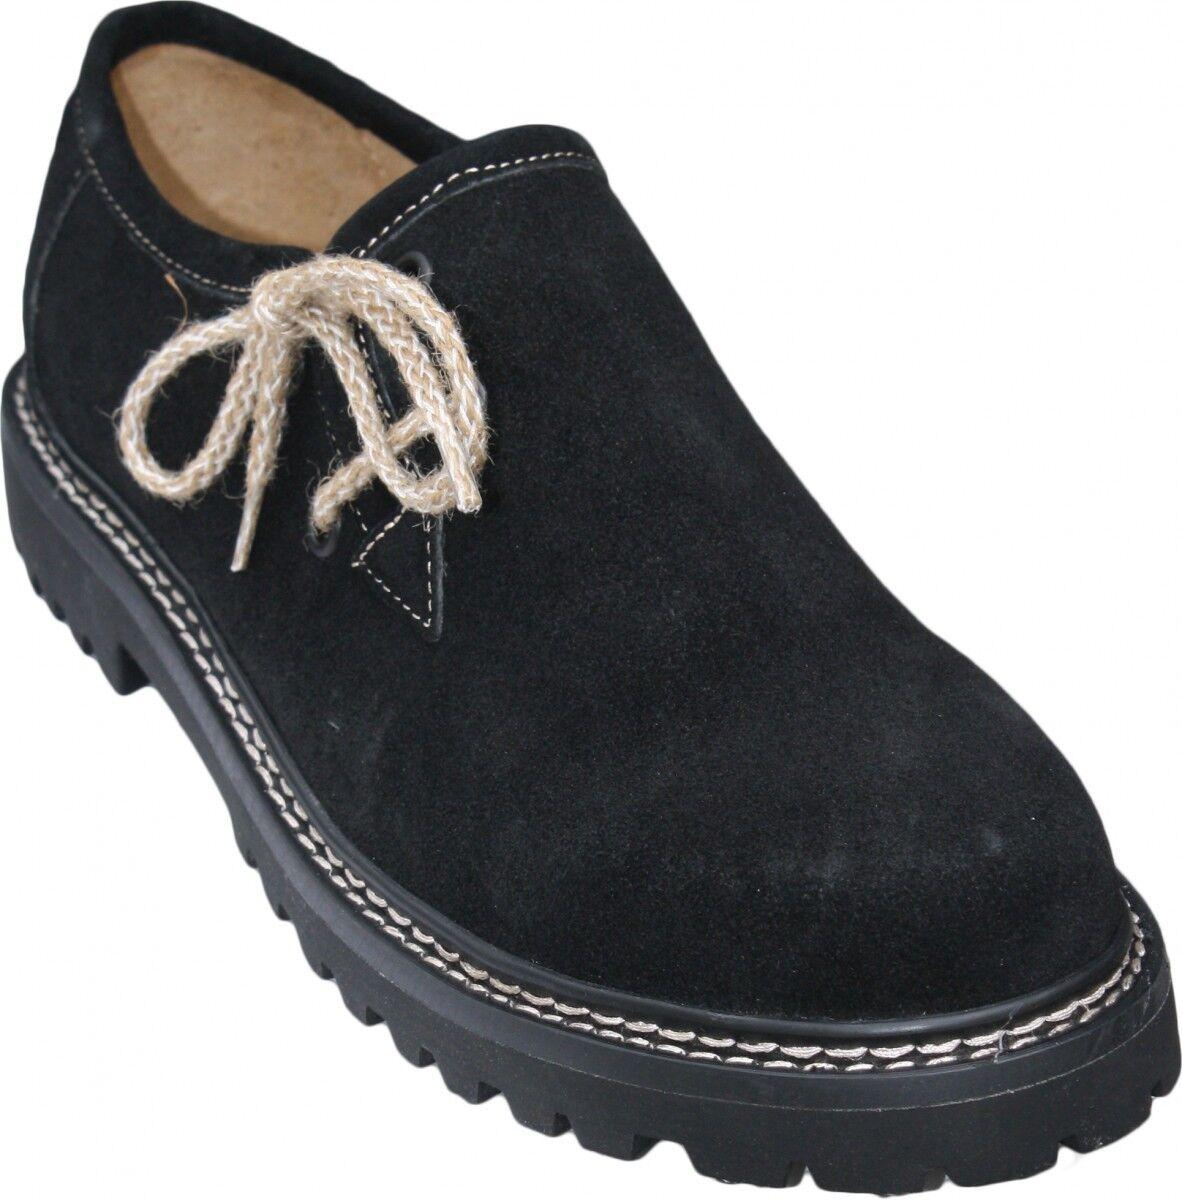 German Wear, Trachtenschuhe Schuhe Haferlschuhe echtem Leder Schuhe Trachtenschuhe juteschnüre Schwarz f6cf4f